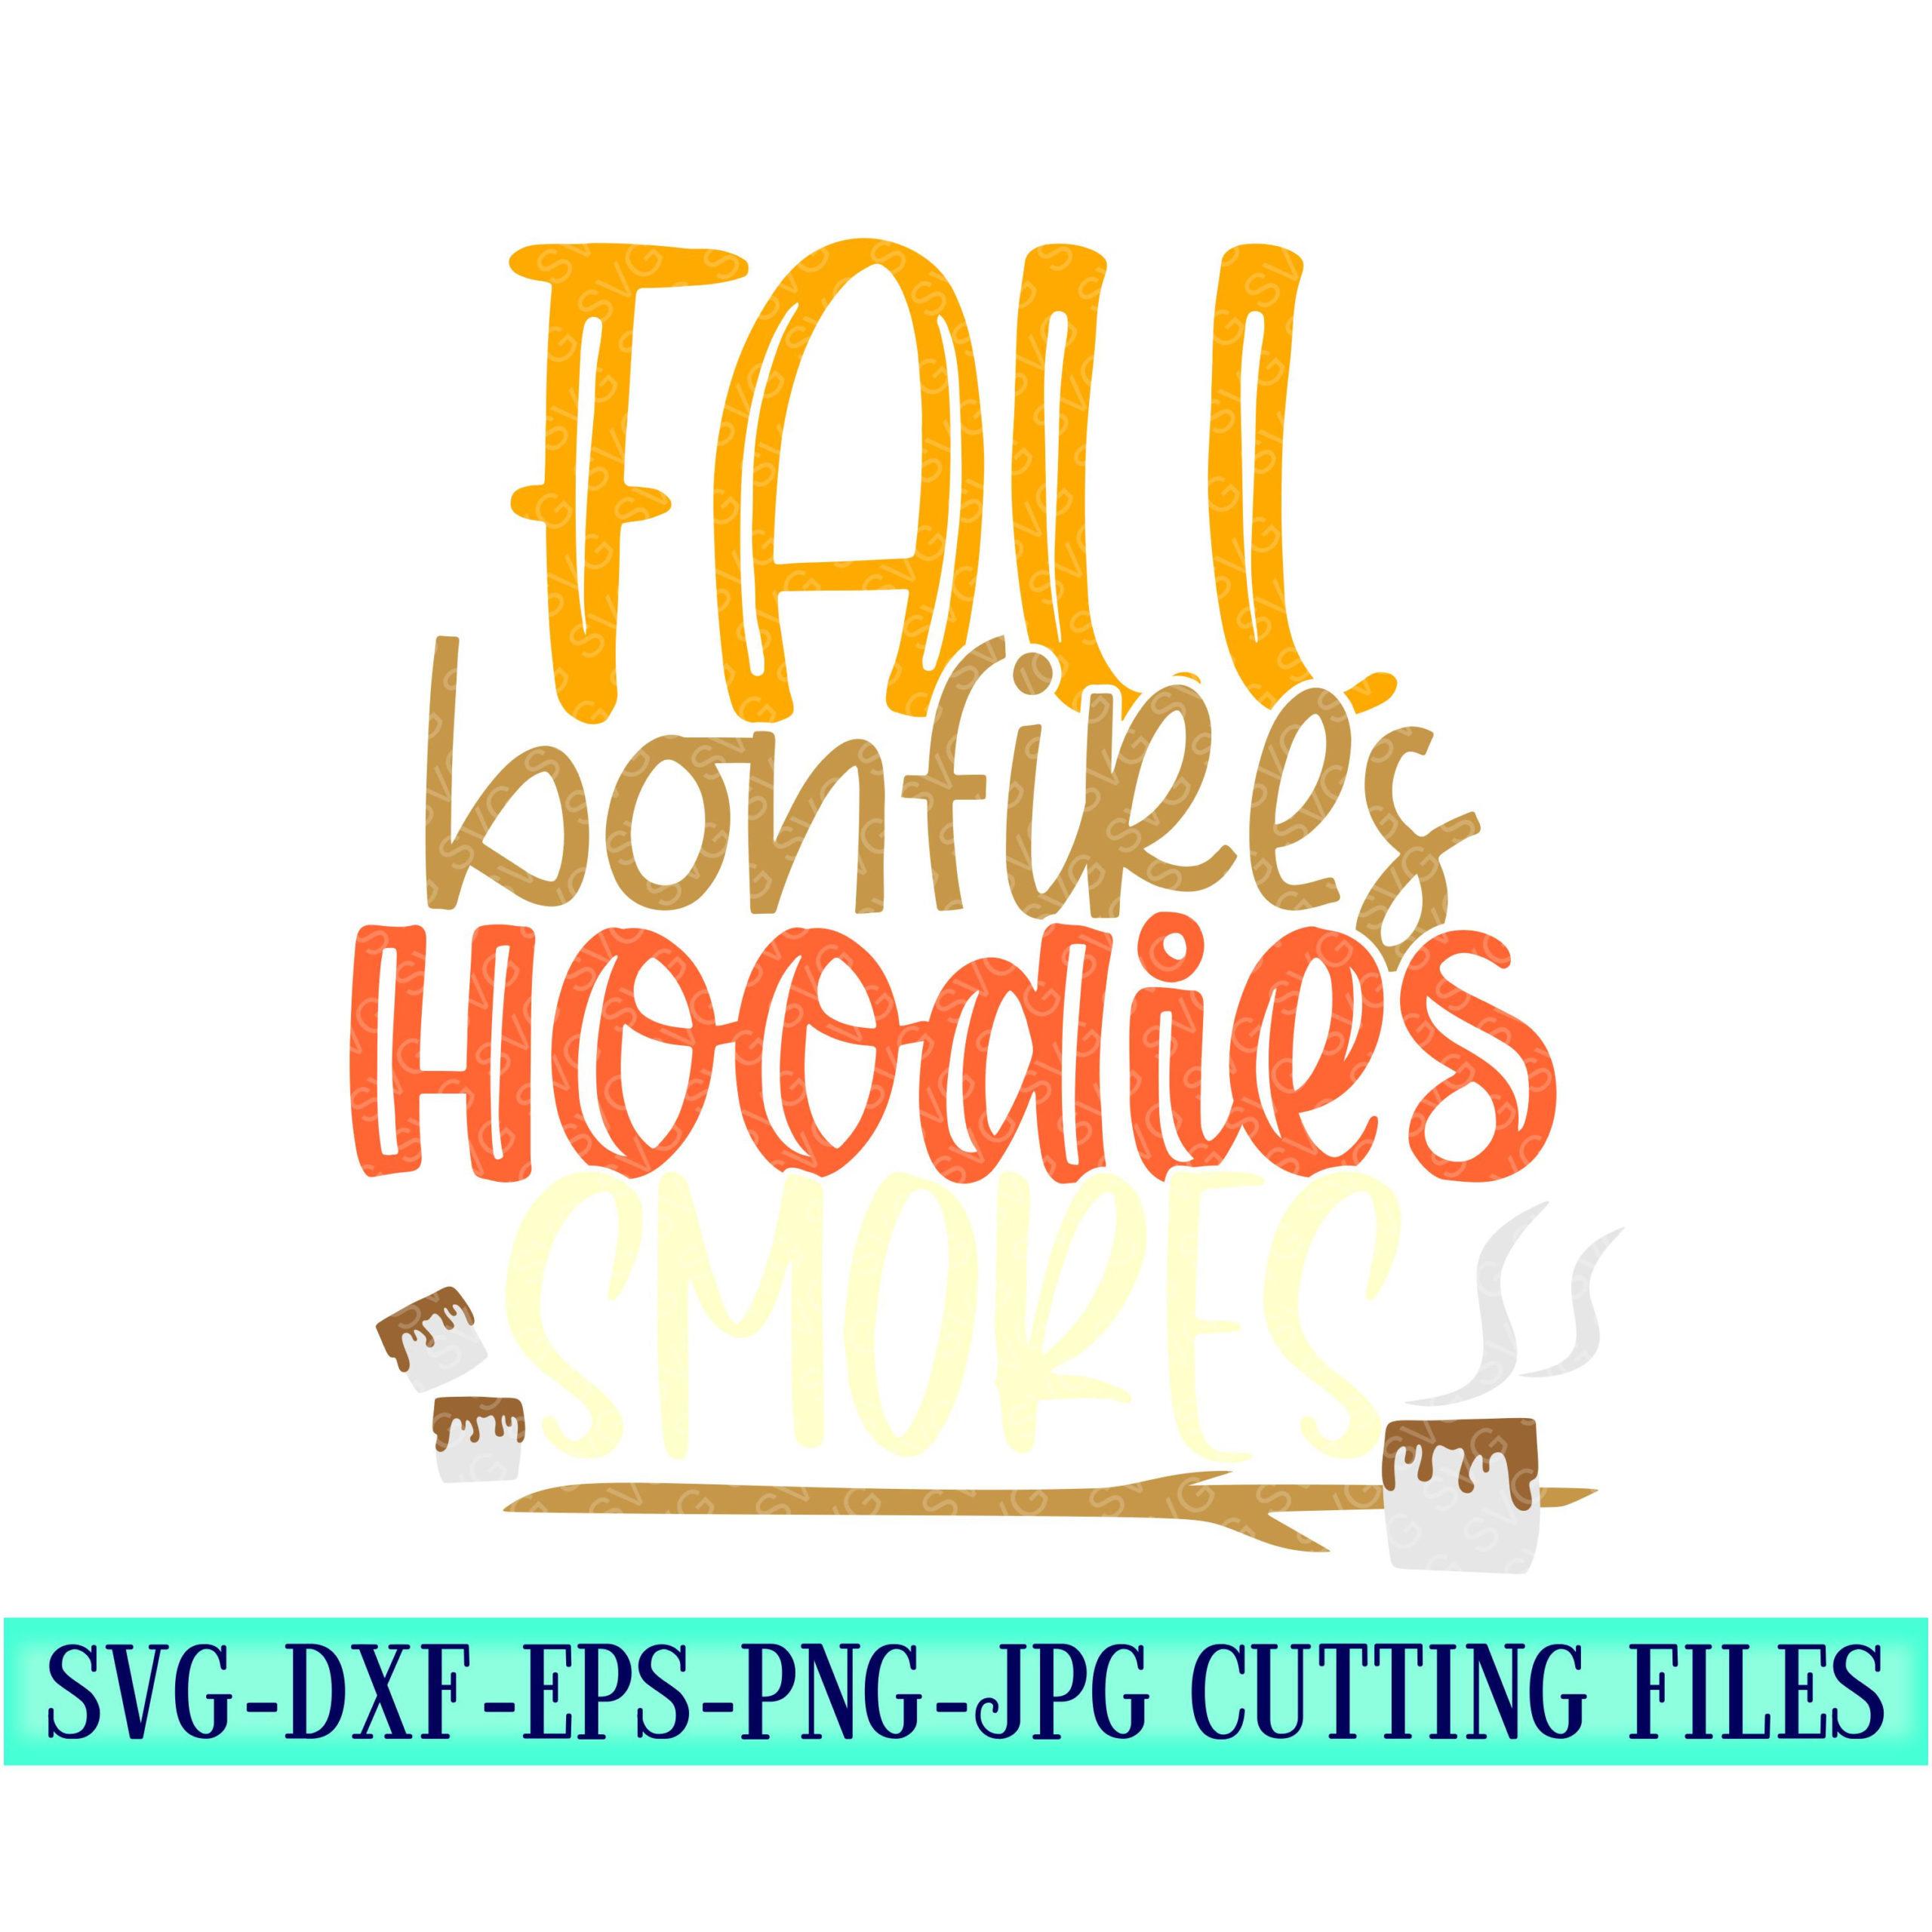 Fall-bonfires-hoodies-smores-svg-smore-svg-bonfire-svg-hoodie-svg-fall-svg-designsfall-cut-filessvg-for-cricutsvg-for-mobile-5f6f6e9e